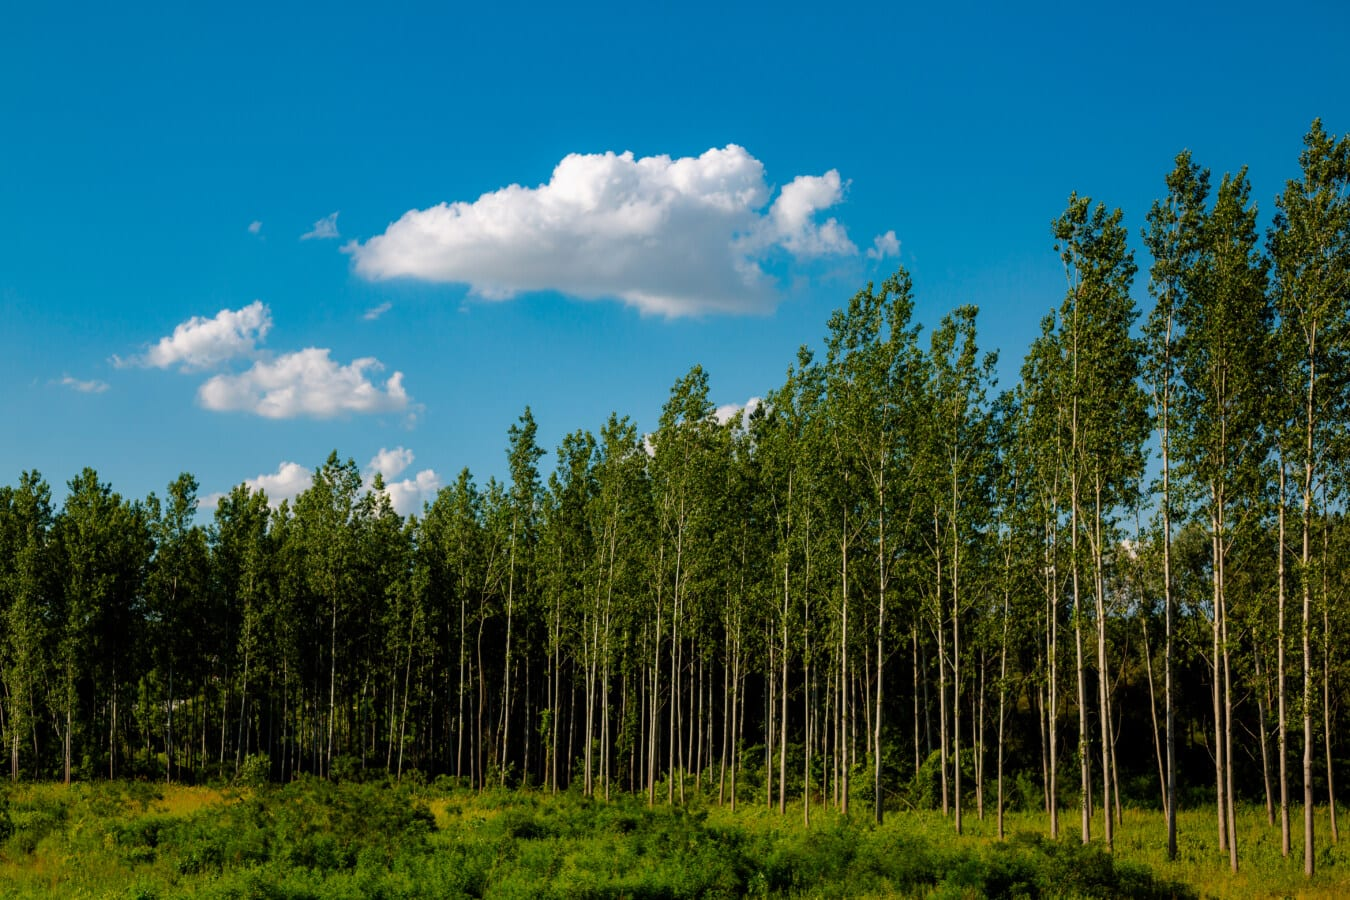 junge, Wald, Pappel, Grün, Bäume, Holz, Landschaft, Natur, Struktur, Gras